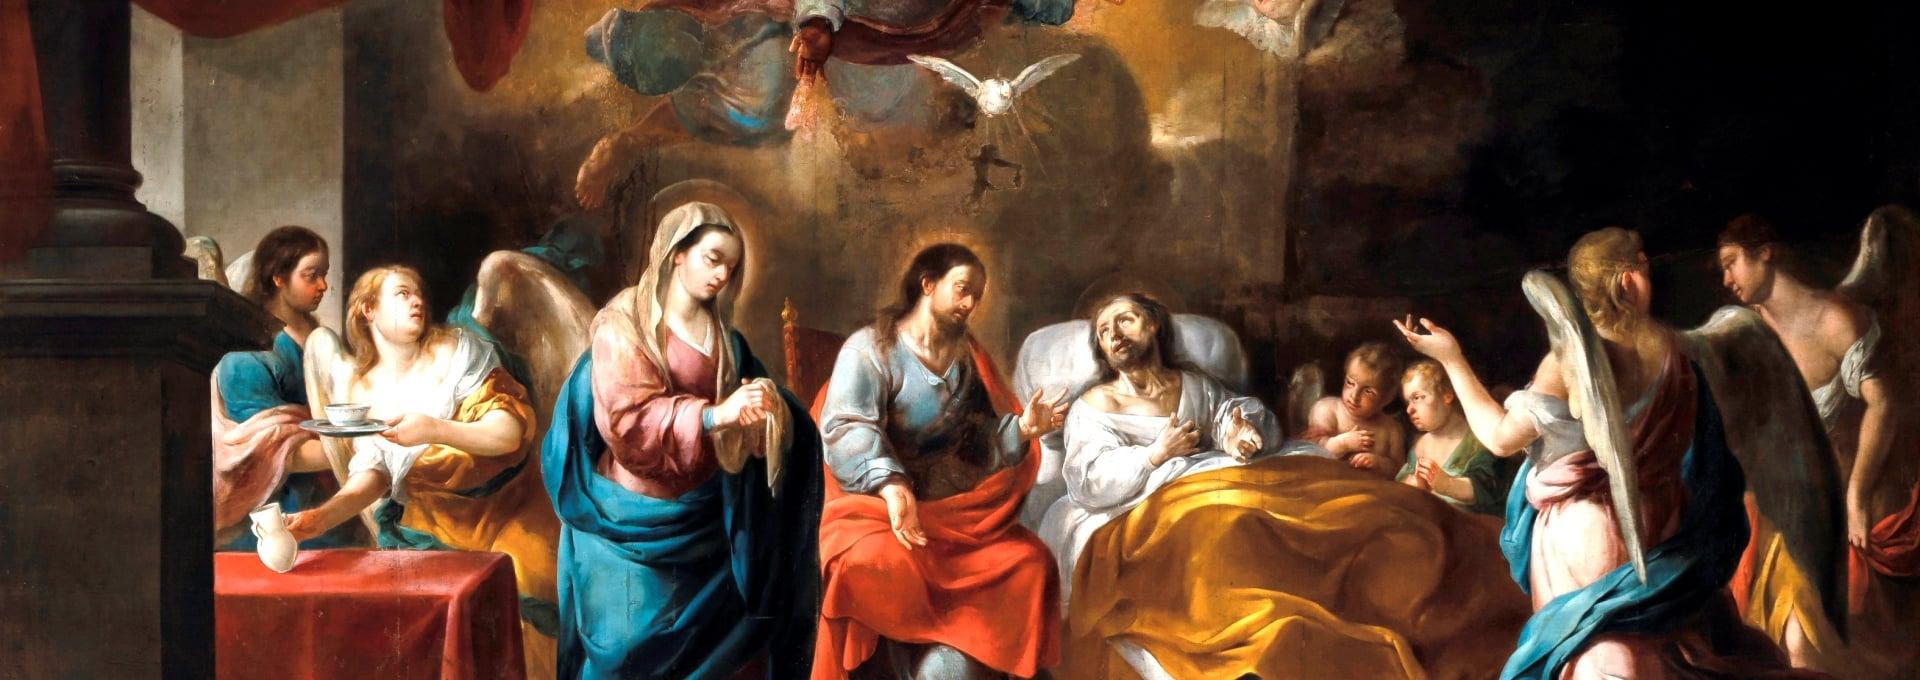 Cuentos con moraleja: San José, abogado de la buena muerte | Adelante la Fe